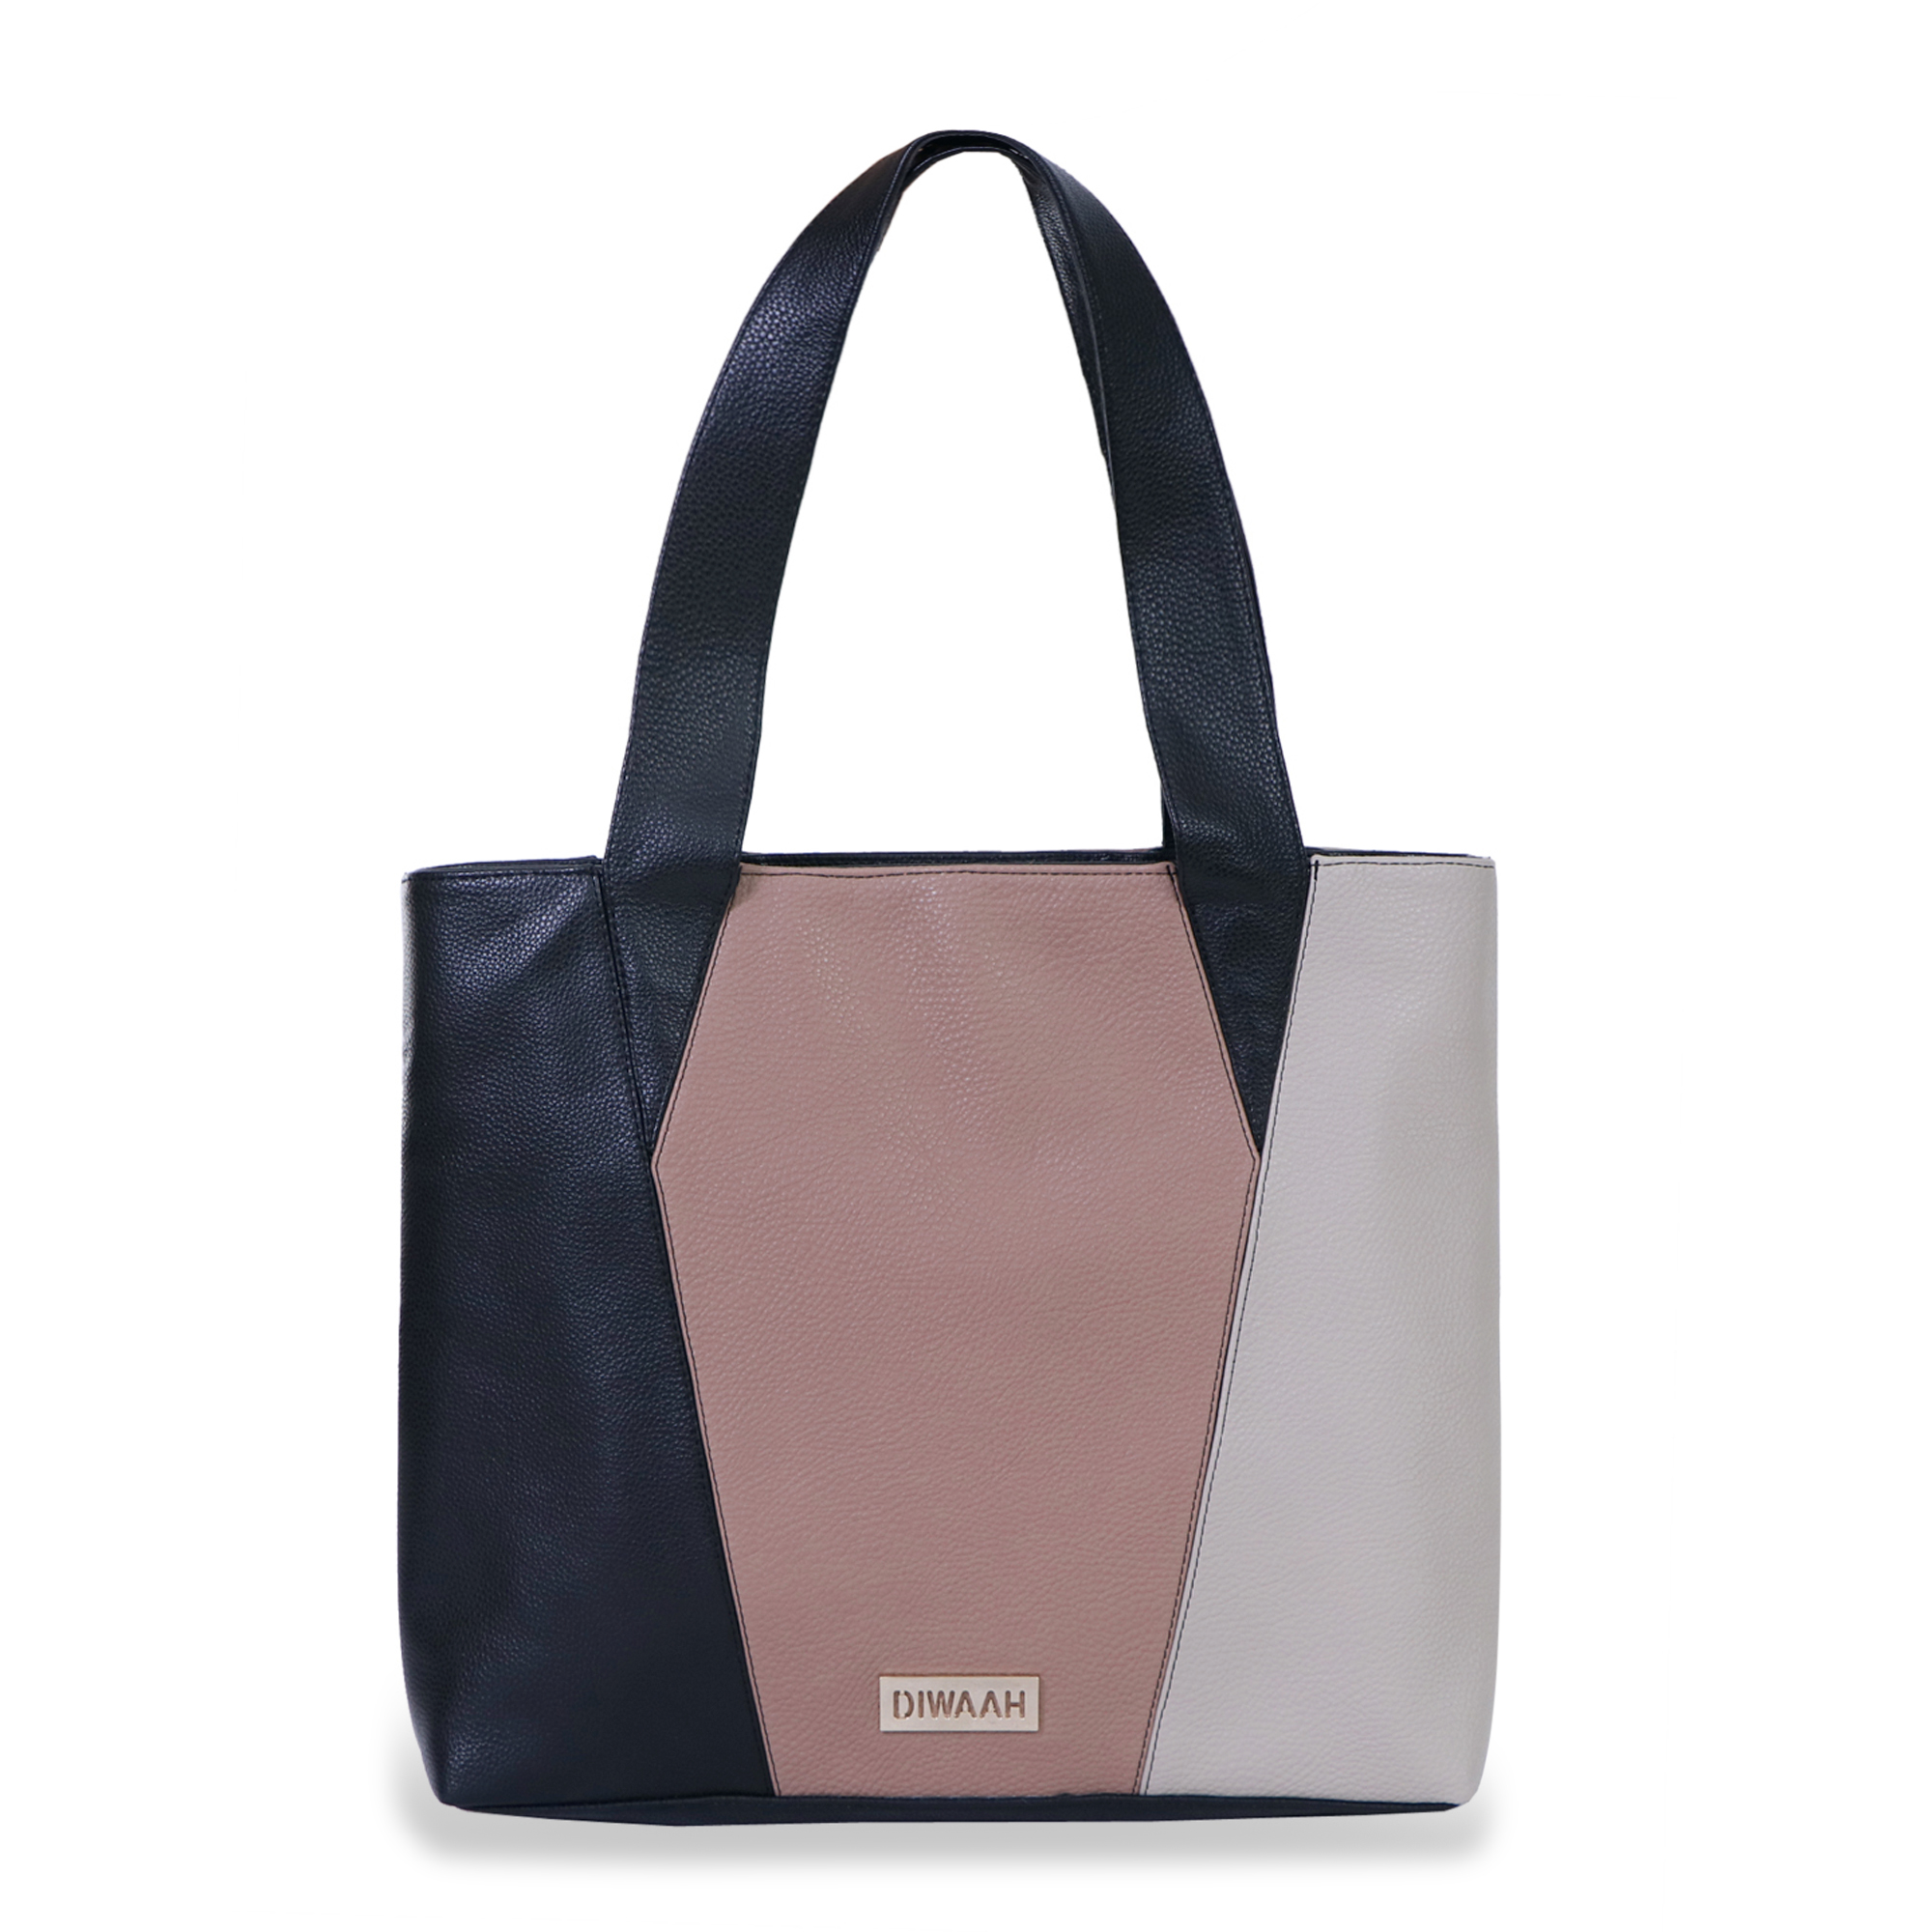 DIWAAH | Diwaah Multi Color Casual Shoulder Bag